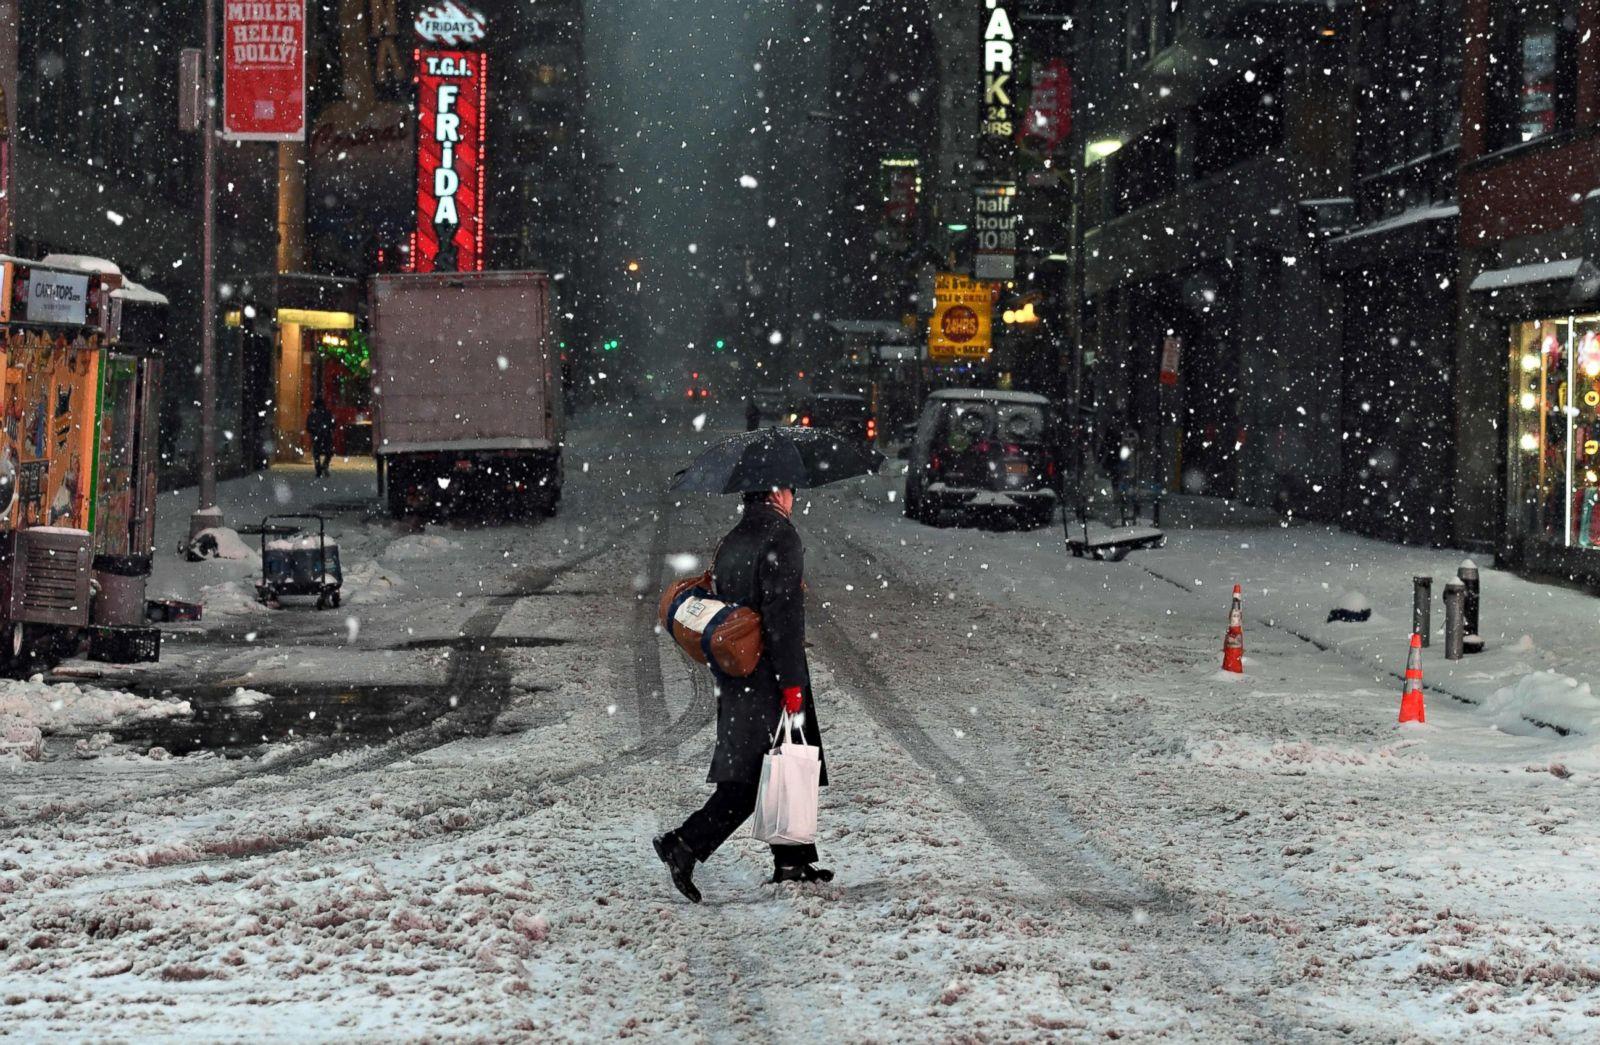 Brutal first winter storm kills